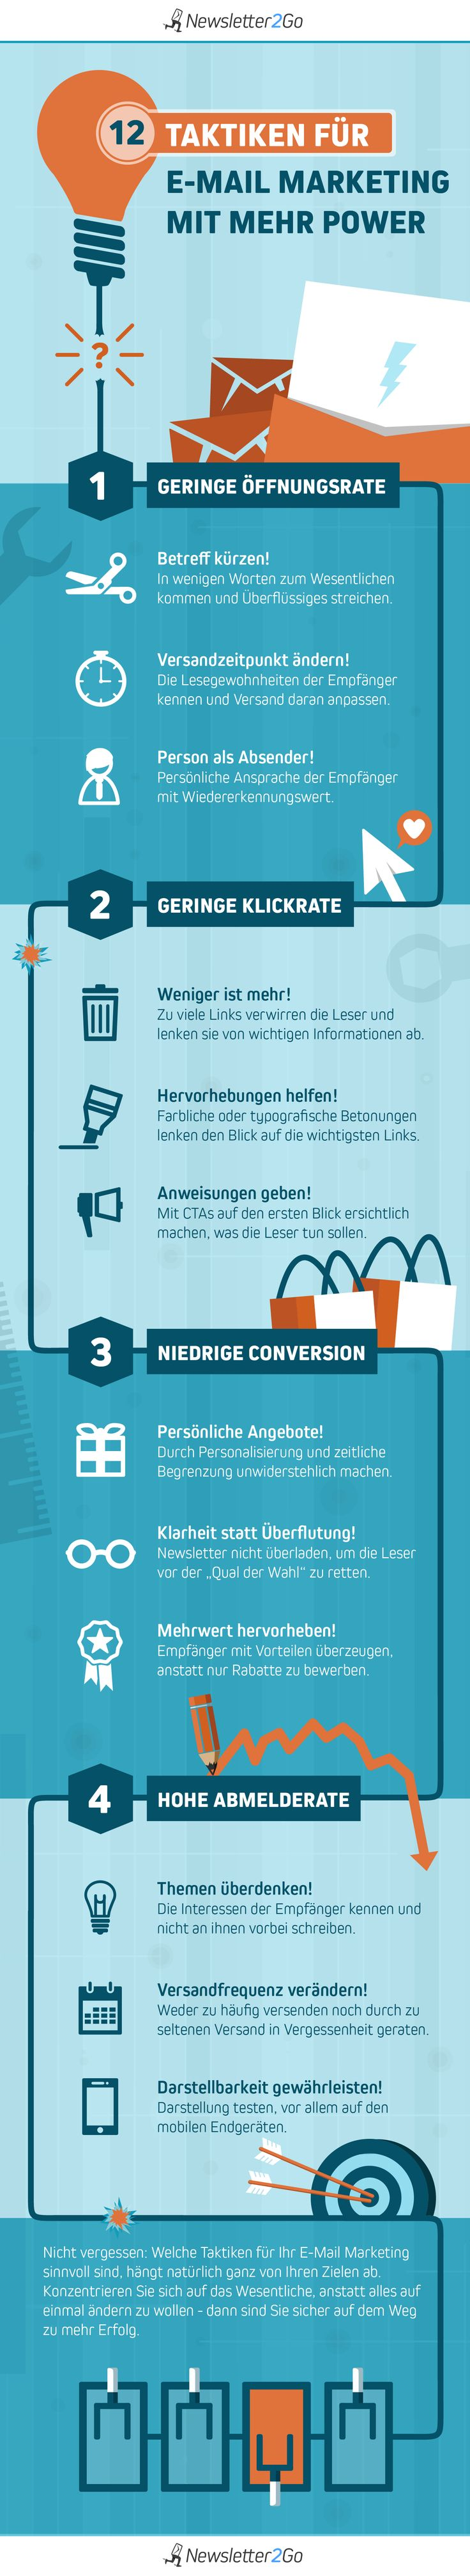 Wie kann man durch Tracking sein Email Marketing optimieren? 12 Taktiken für E-Mail Marketing mit mehr Power in der Infografik.